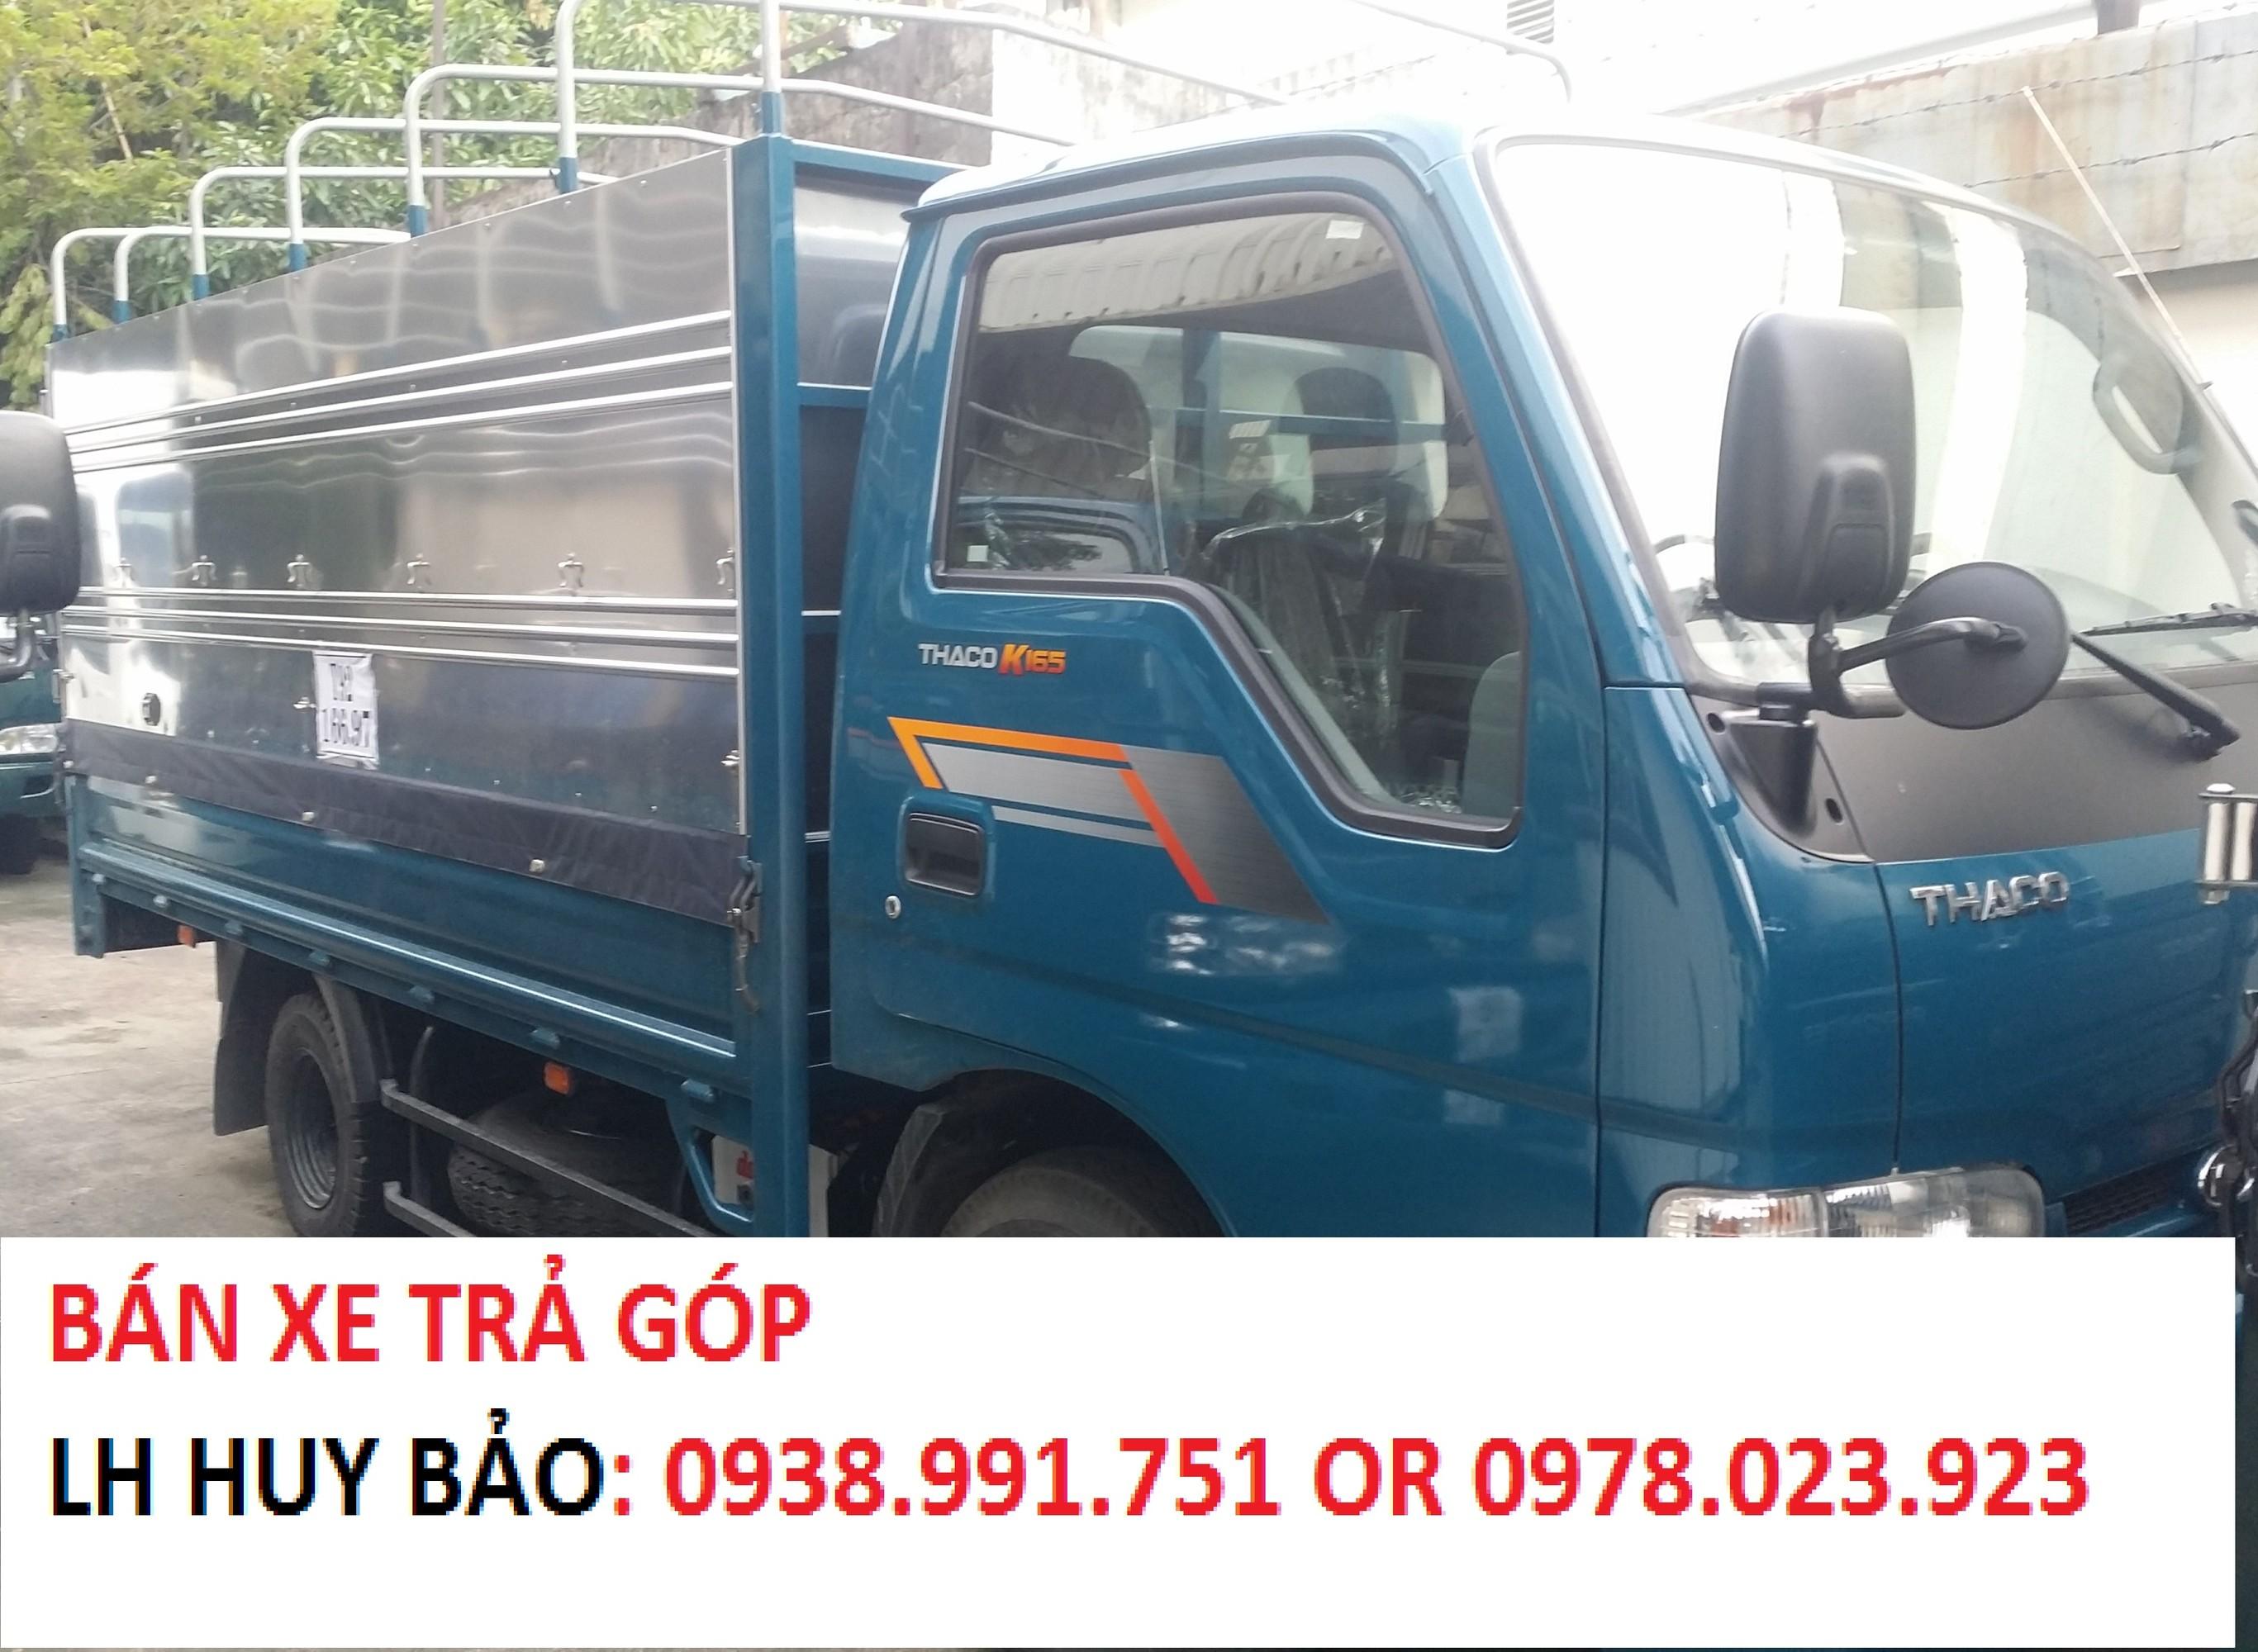 Chuyên bán xe tải kia tải 1 tấn 4, tải 2 tấn 4, xe tải kia đi thành phố k165 hỗ trợ vây cao Ảnh số 41637209